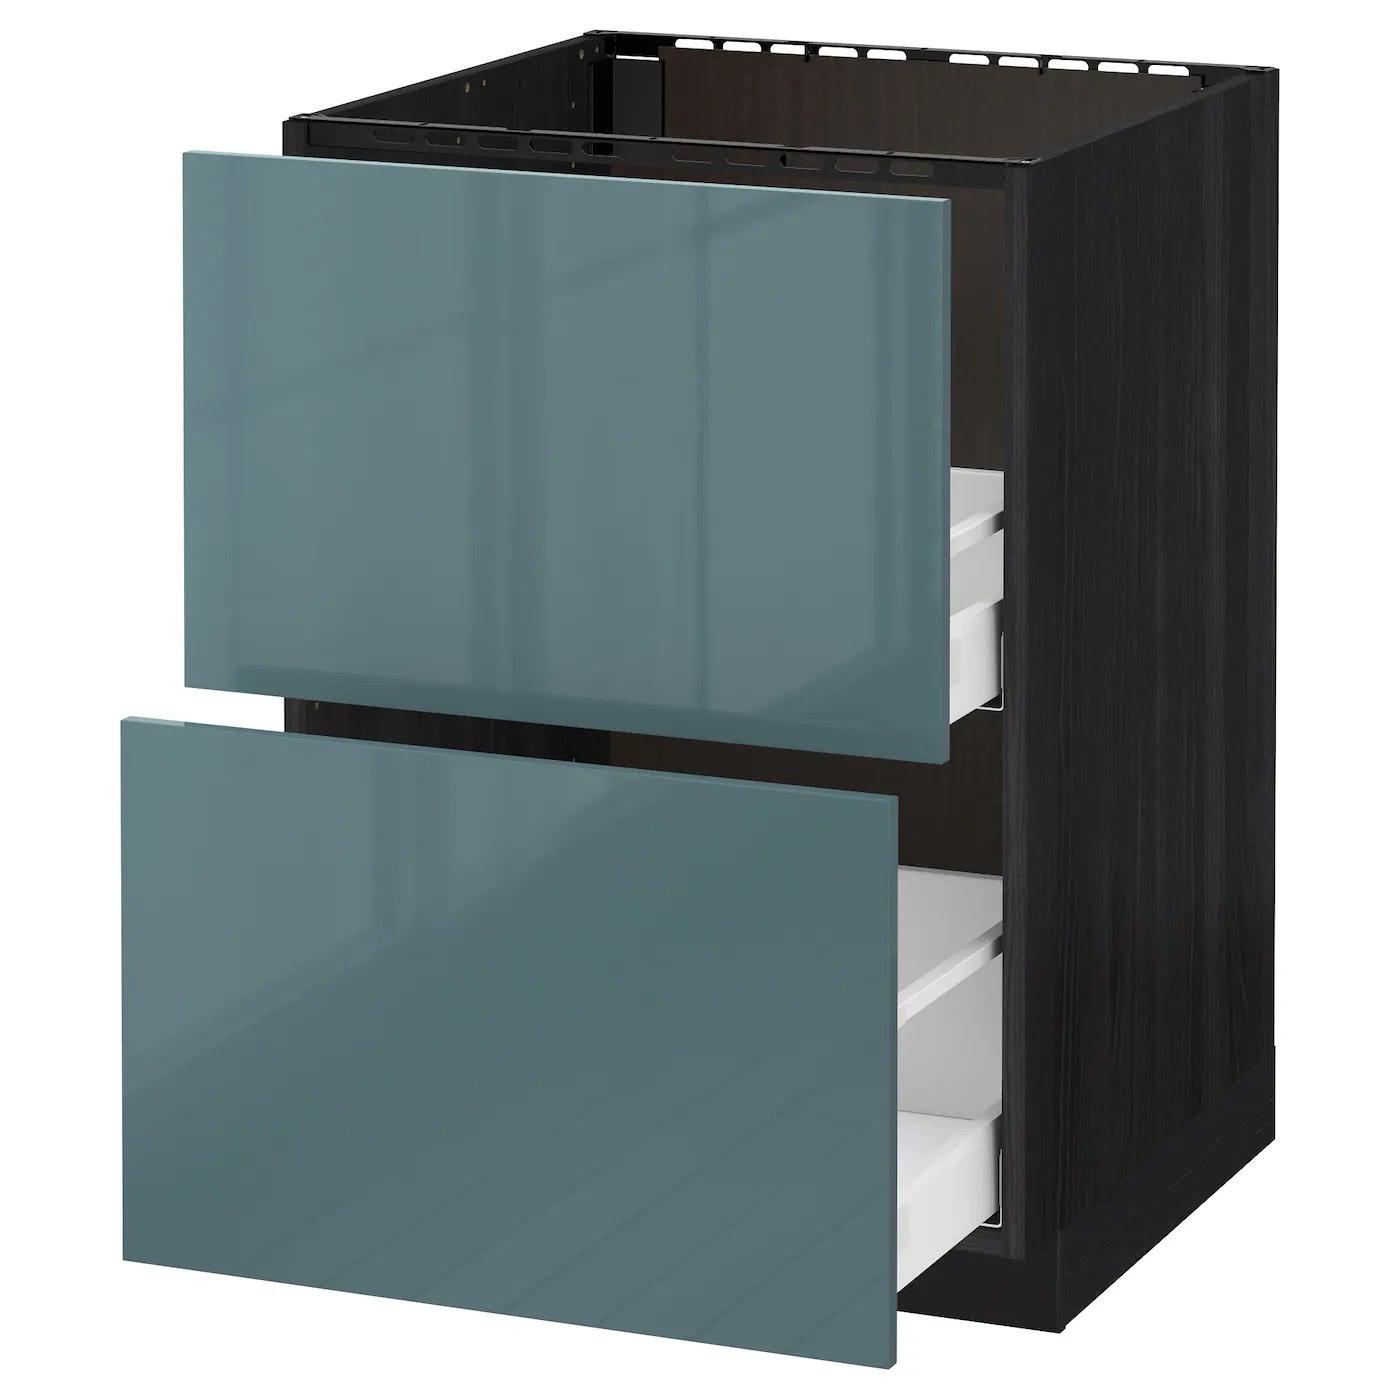 Ikea Metod 60 X 60 Meuble Bas Angle Cuisine Ikea